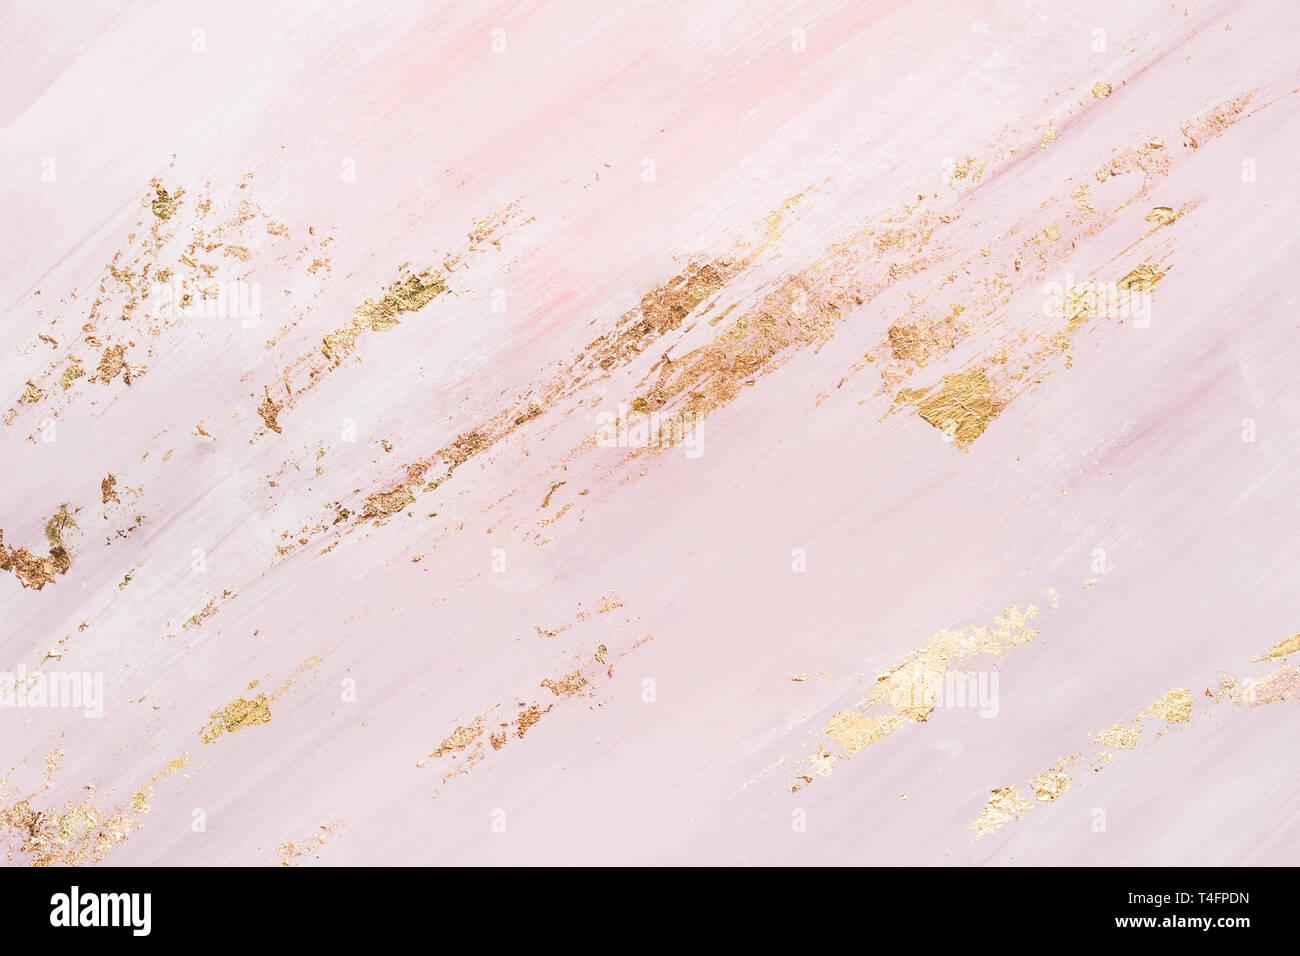 Marmo Rosa Sfondo Con Pennellate Oro Posto Per Il Vostro Design